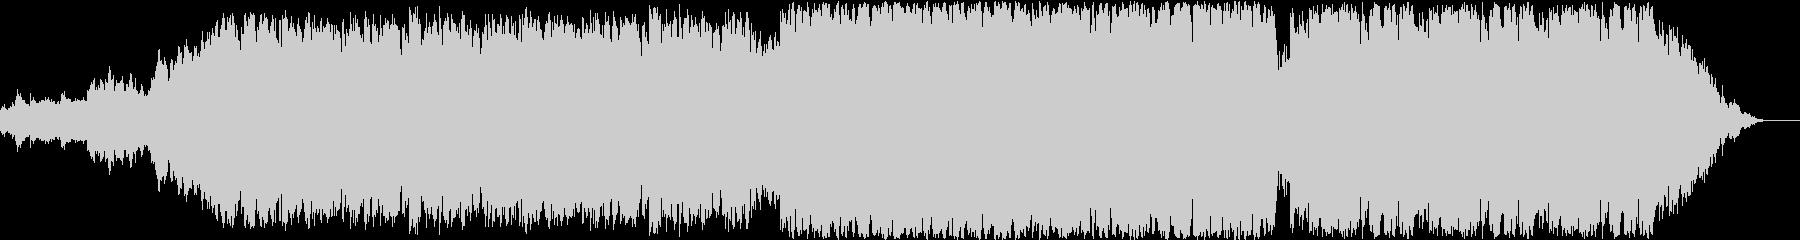 ポップなオーケストラ曲の未再生の波形